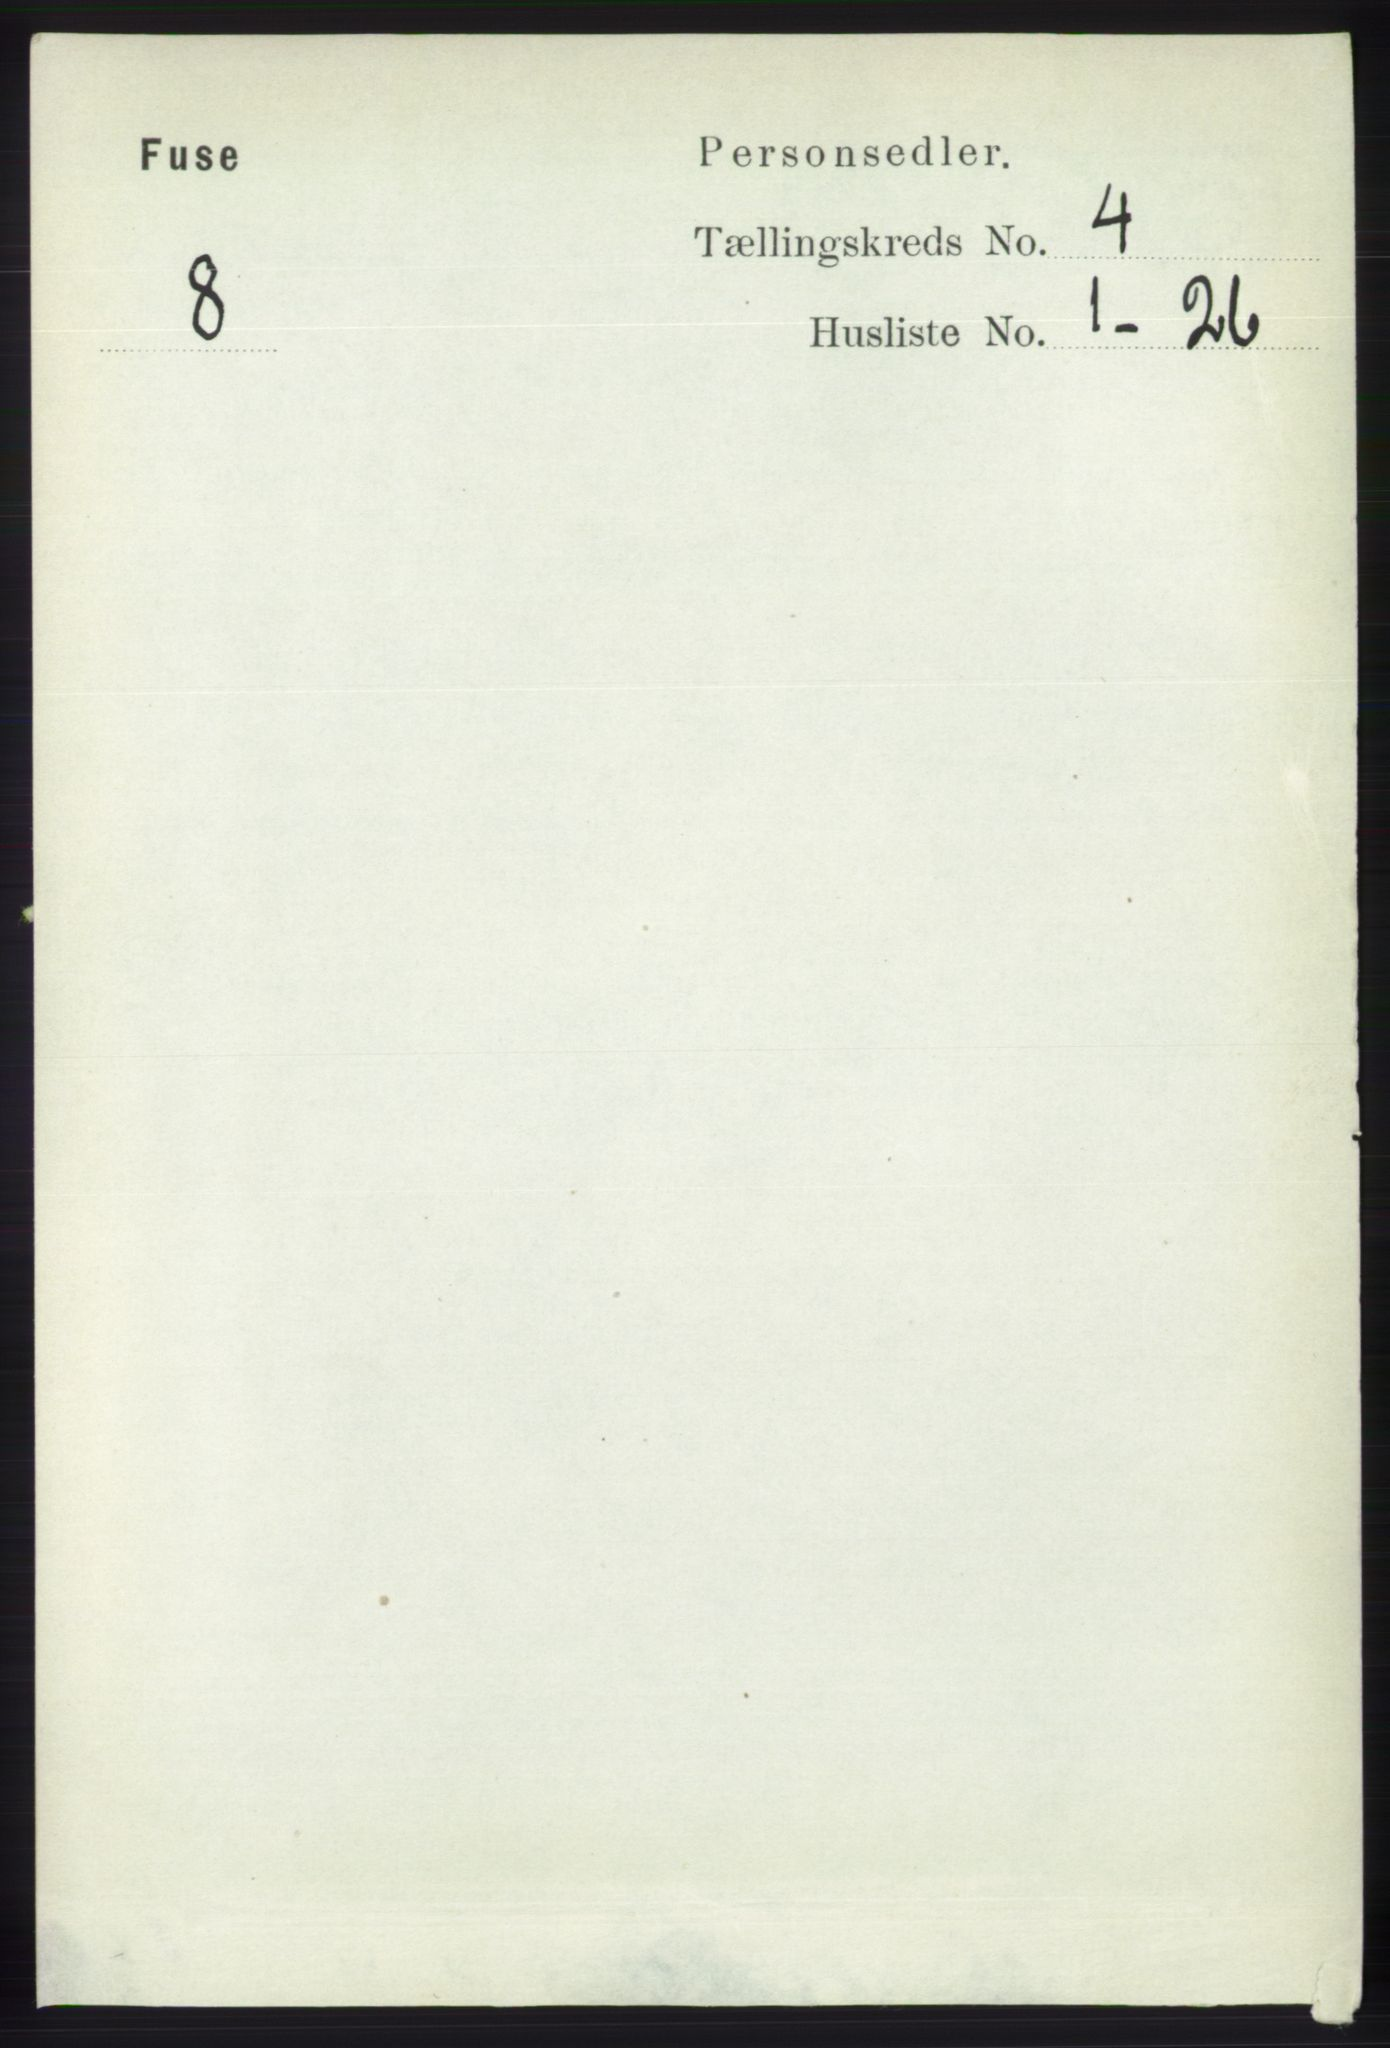 RA, Folketelling 1891 for 1241 Fusa herred, 1891, s. 703